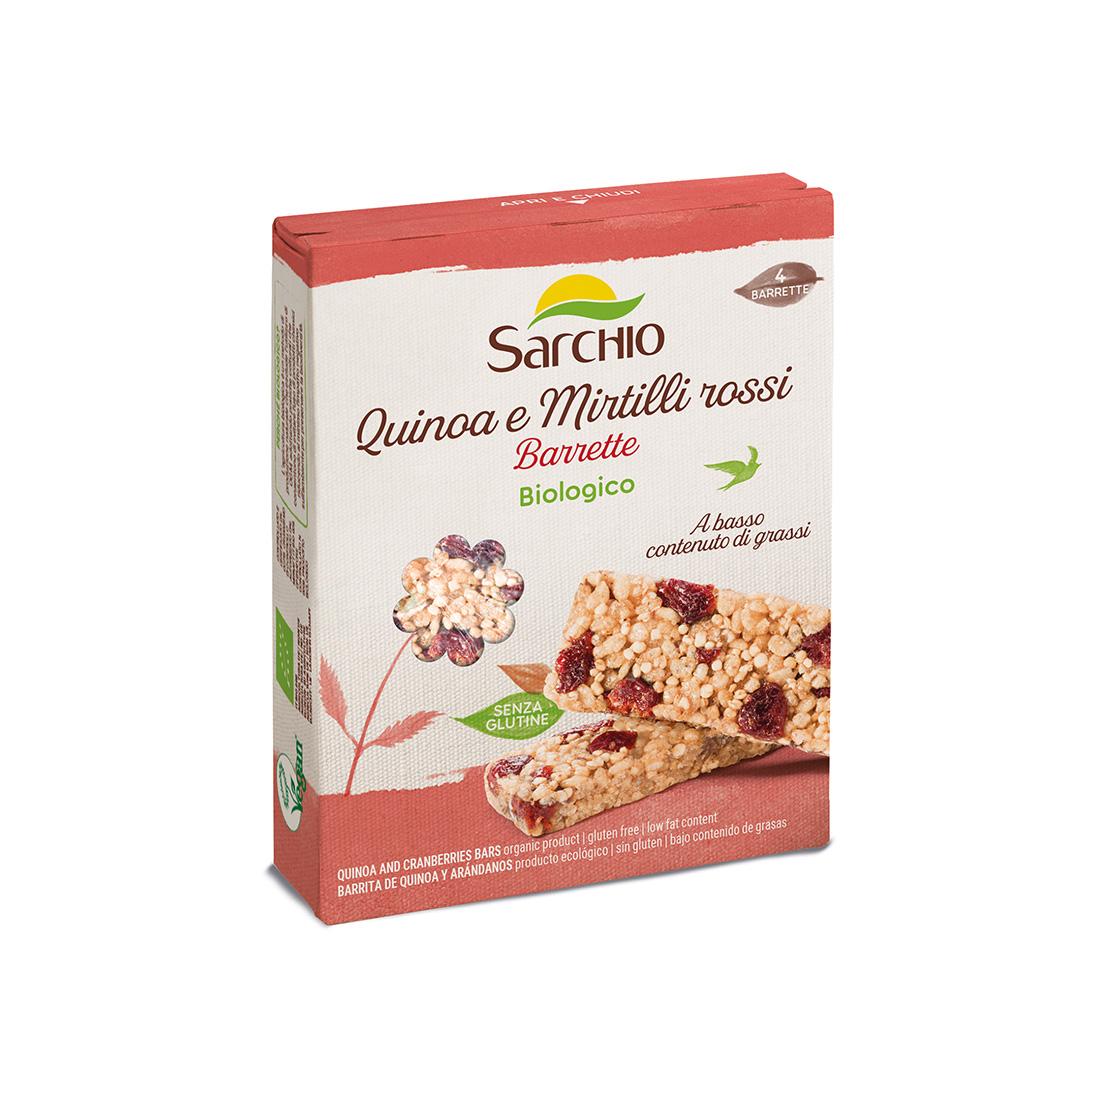 Quinoa and cranberries bars